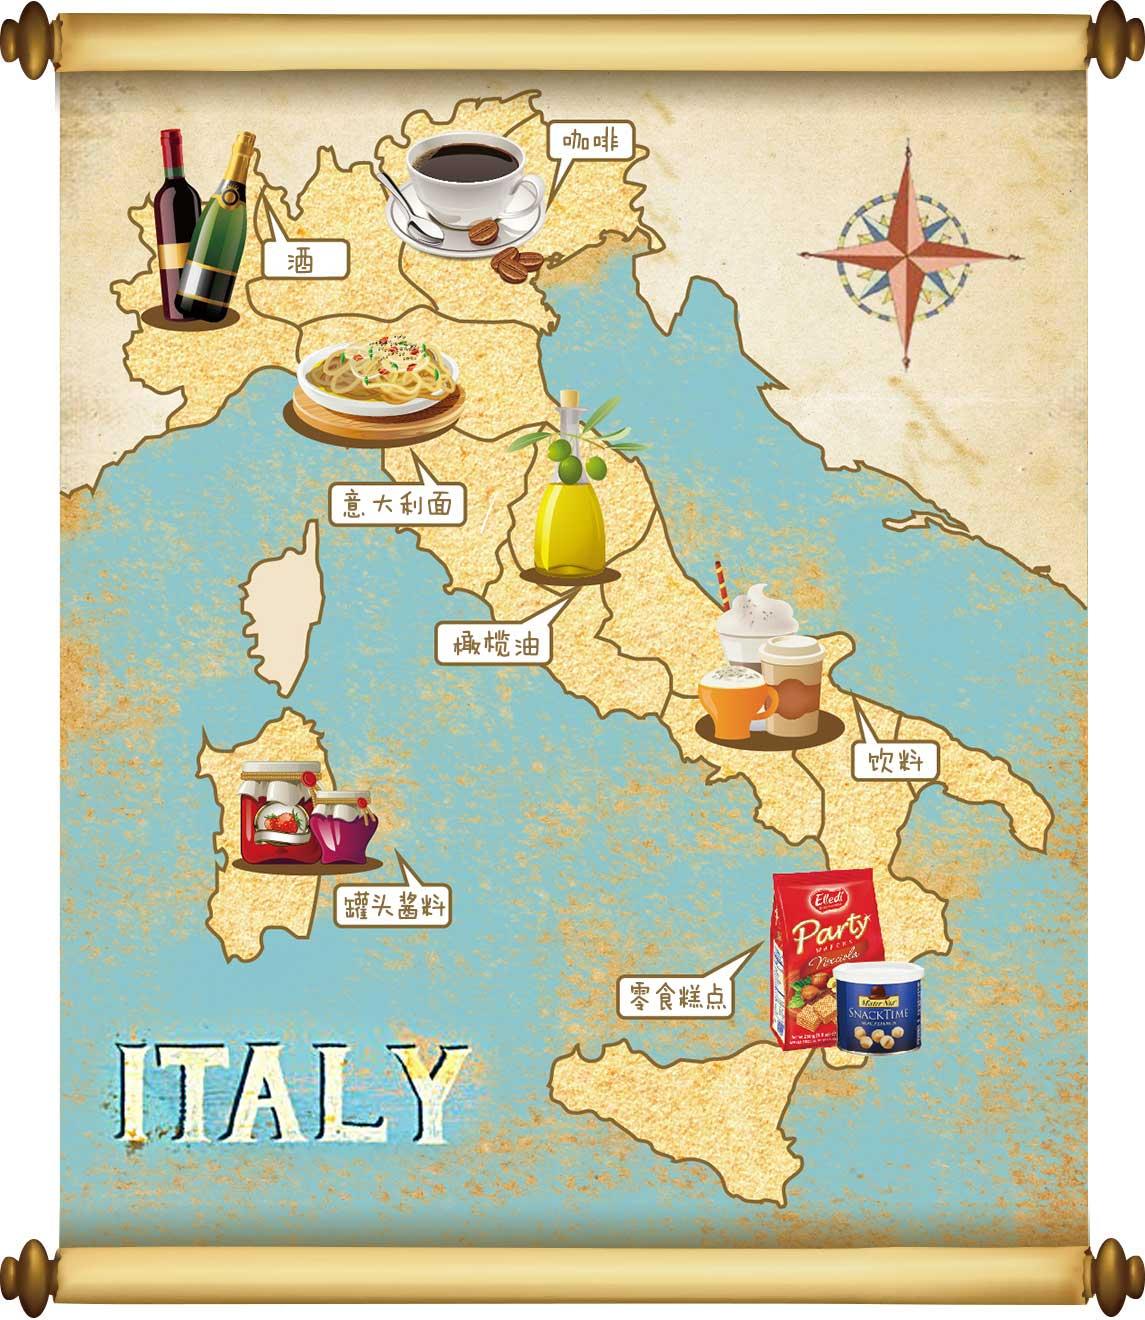 意大利美食地图